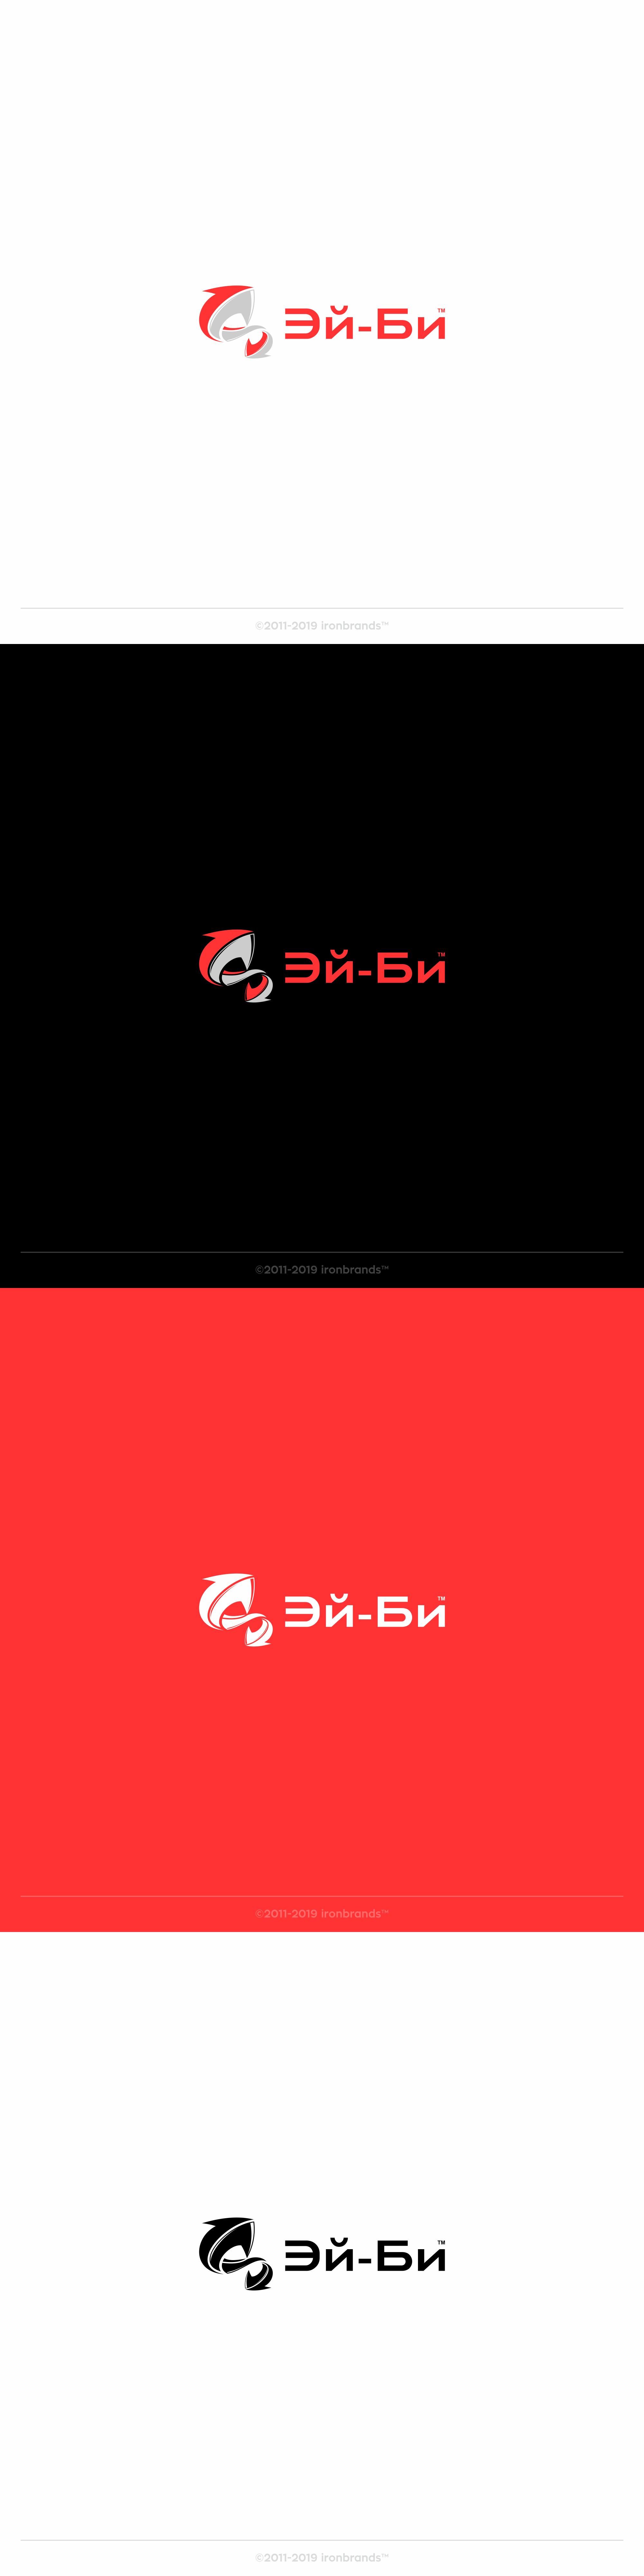 Разработка логотипа и фирменного стиля фото f_4005ce2c6dadfefc.jpg